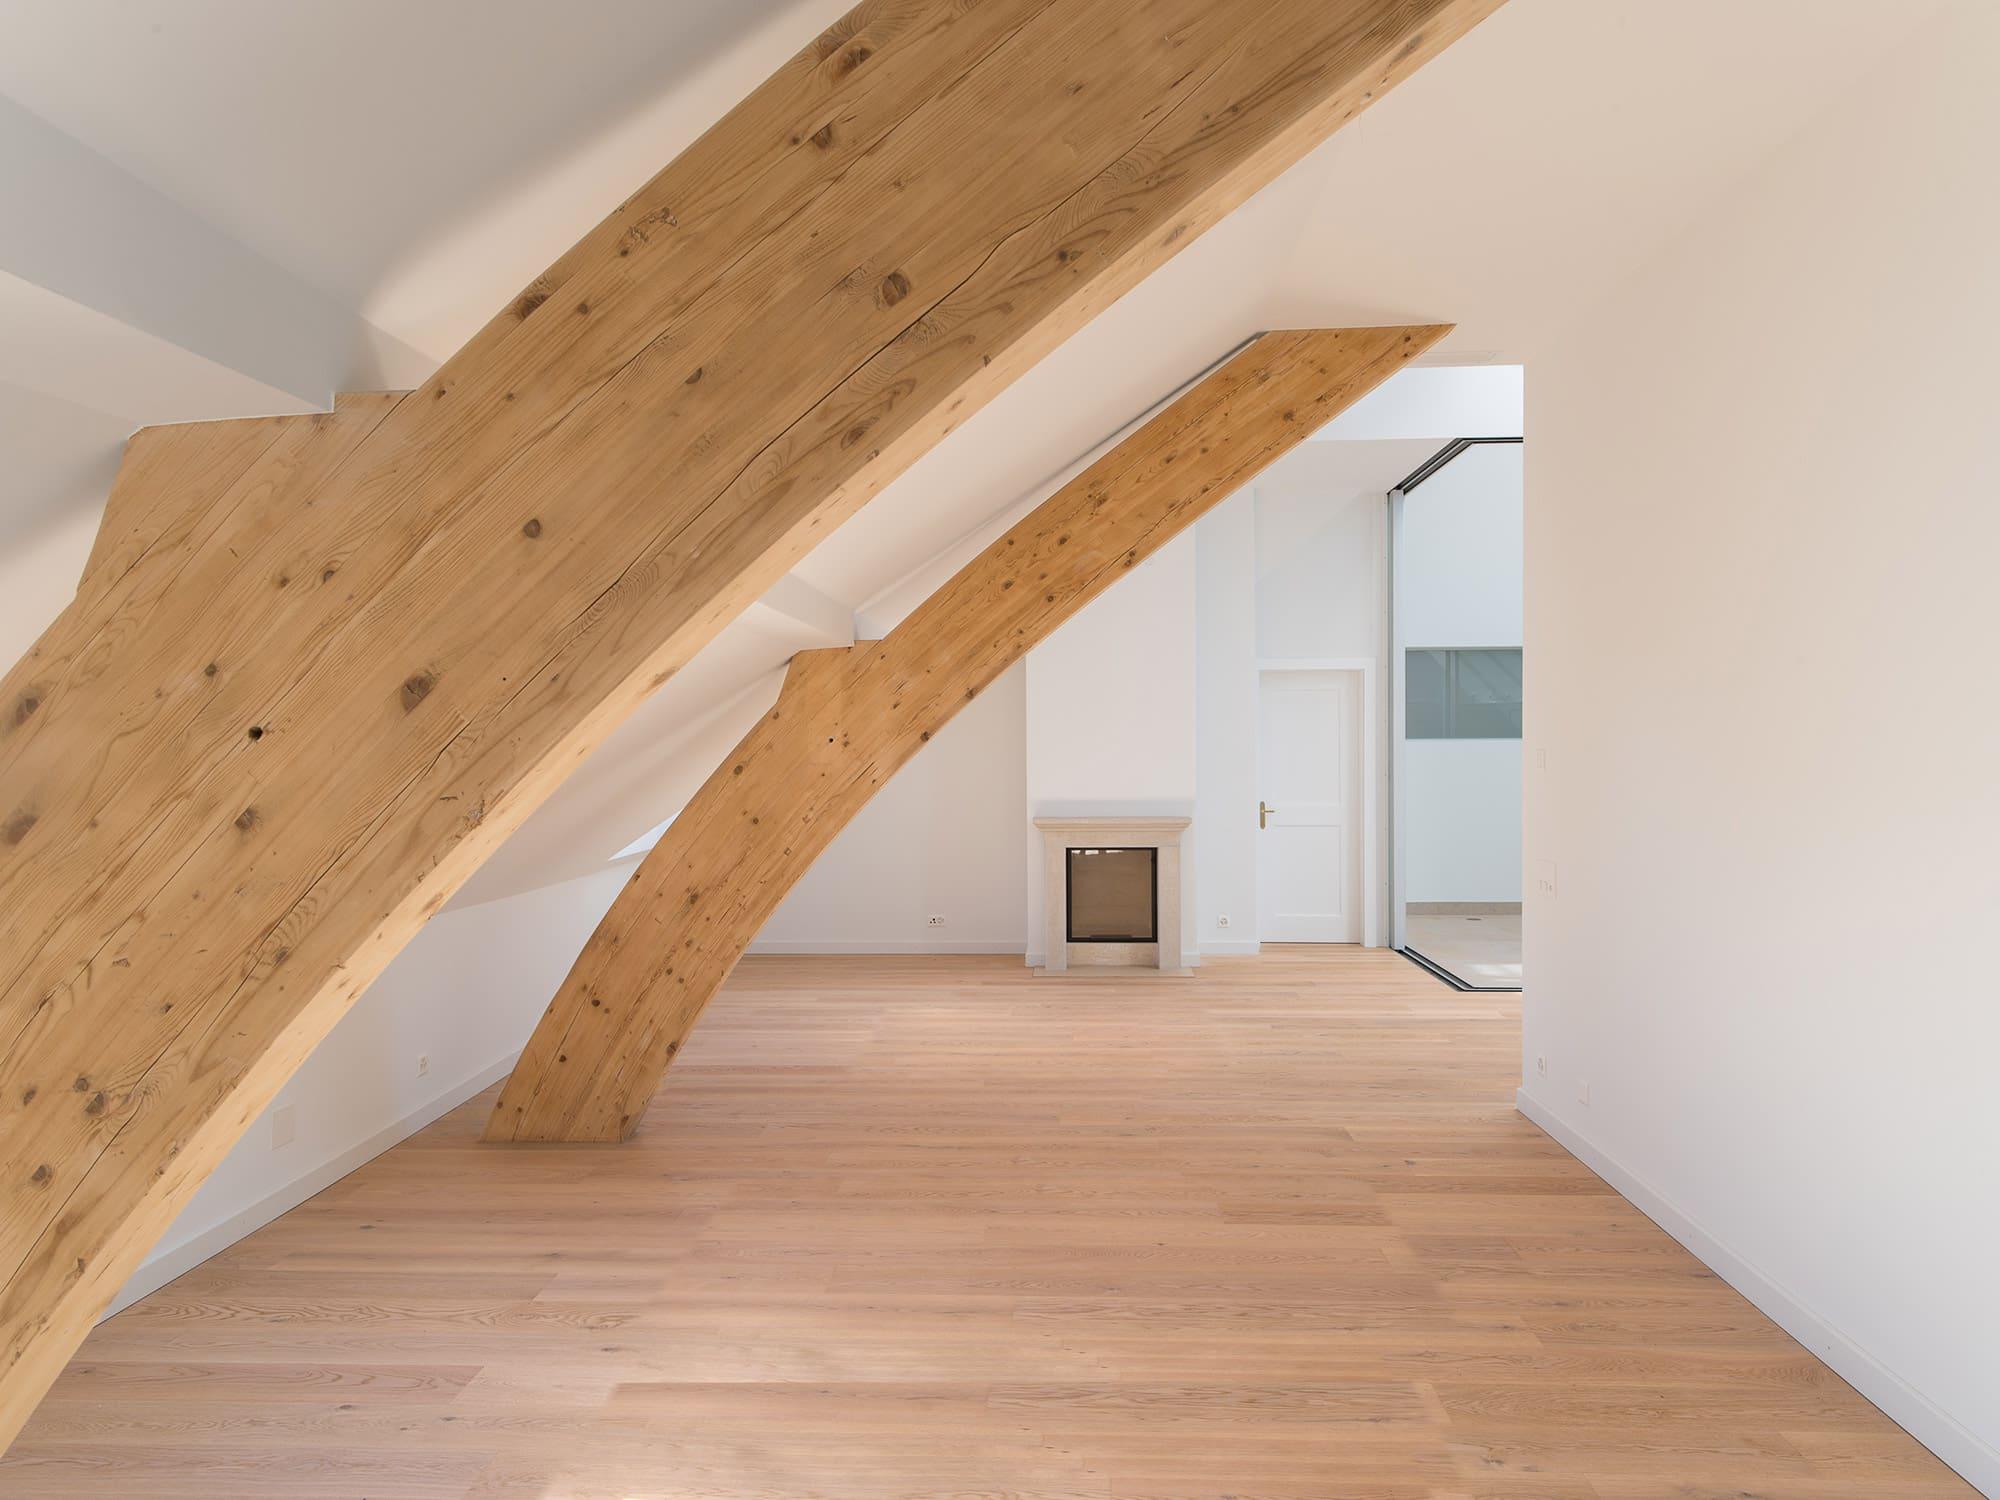 intérieur de ferme rénovée représentant un séjour avec des poutres de bois